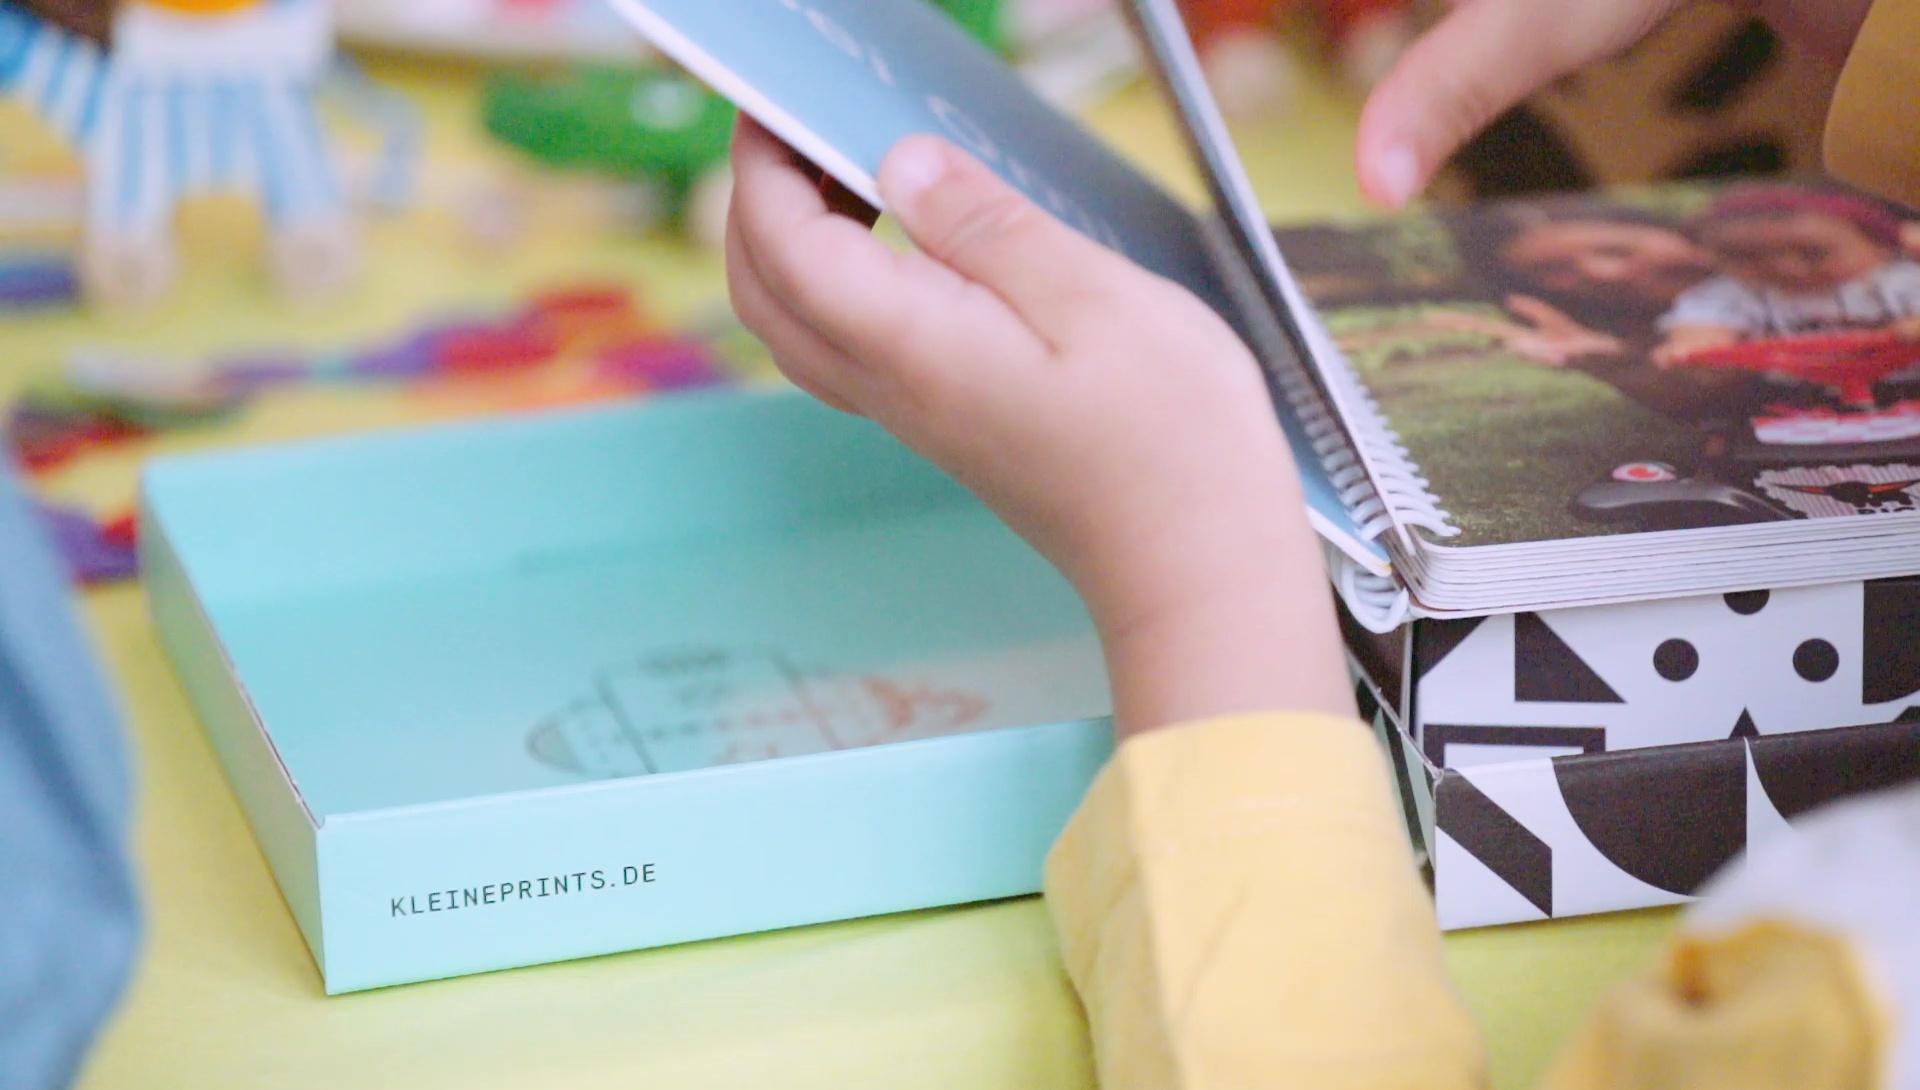 kleine_prints_zweisieben_6.jpg